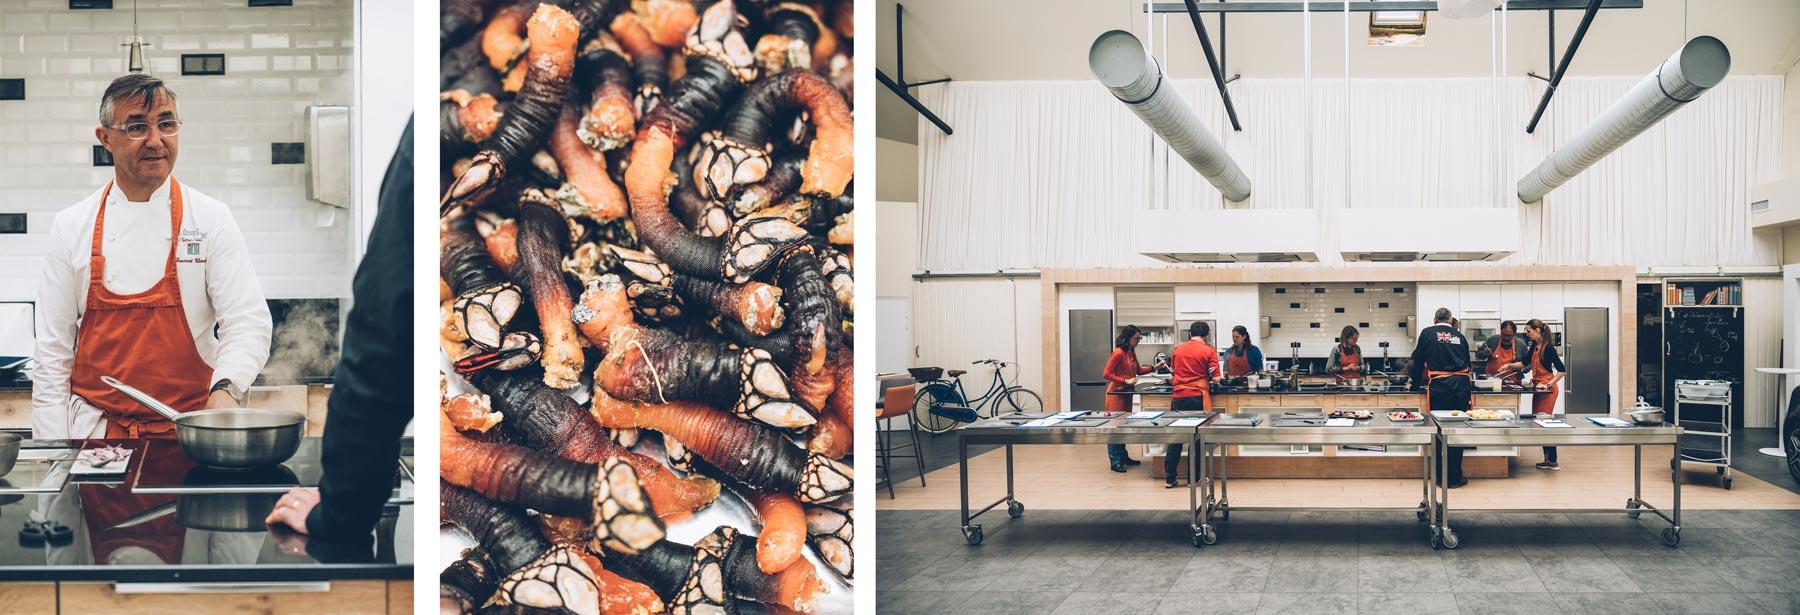 Cours de cuisine à Chartres, Top Chef